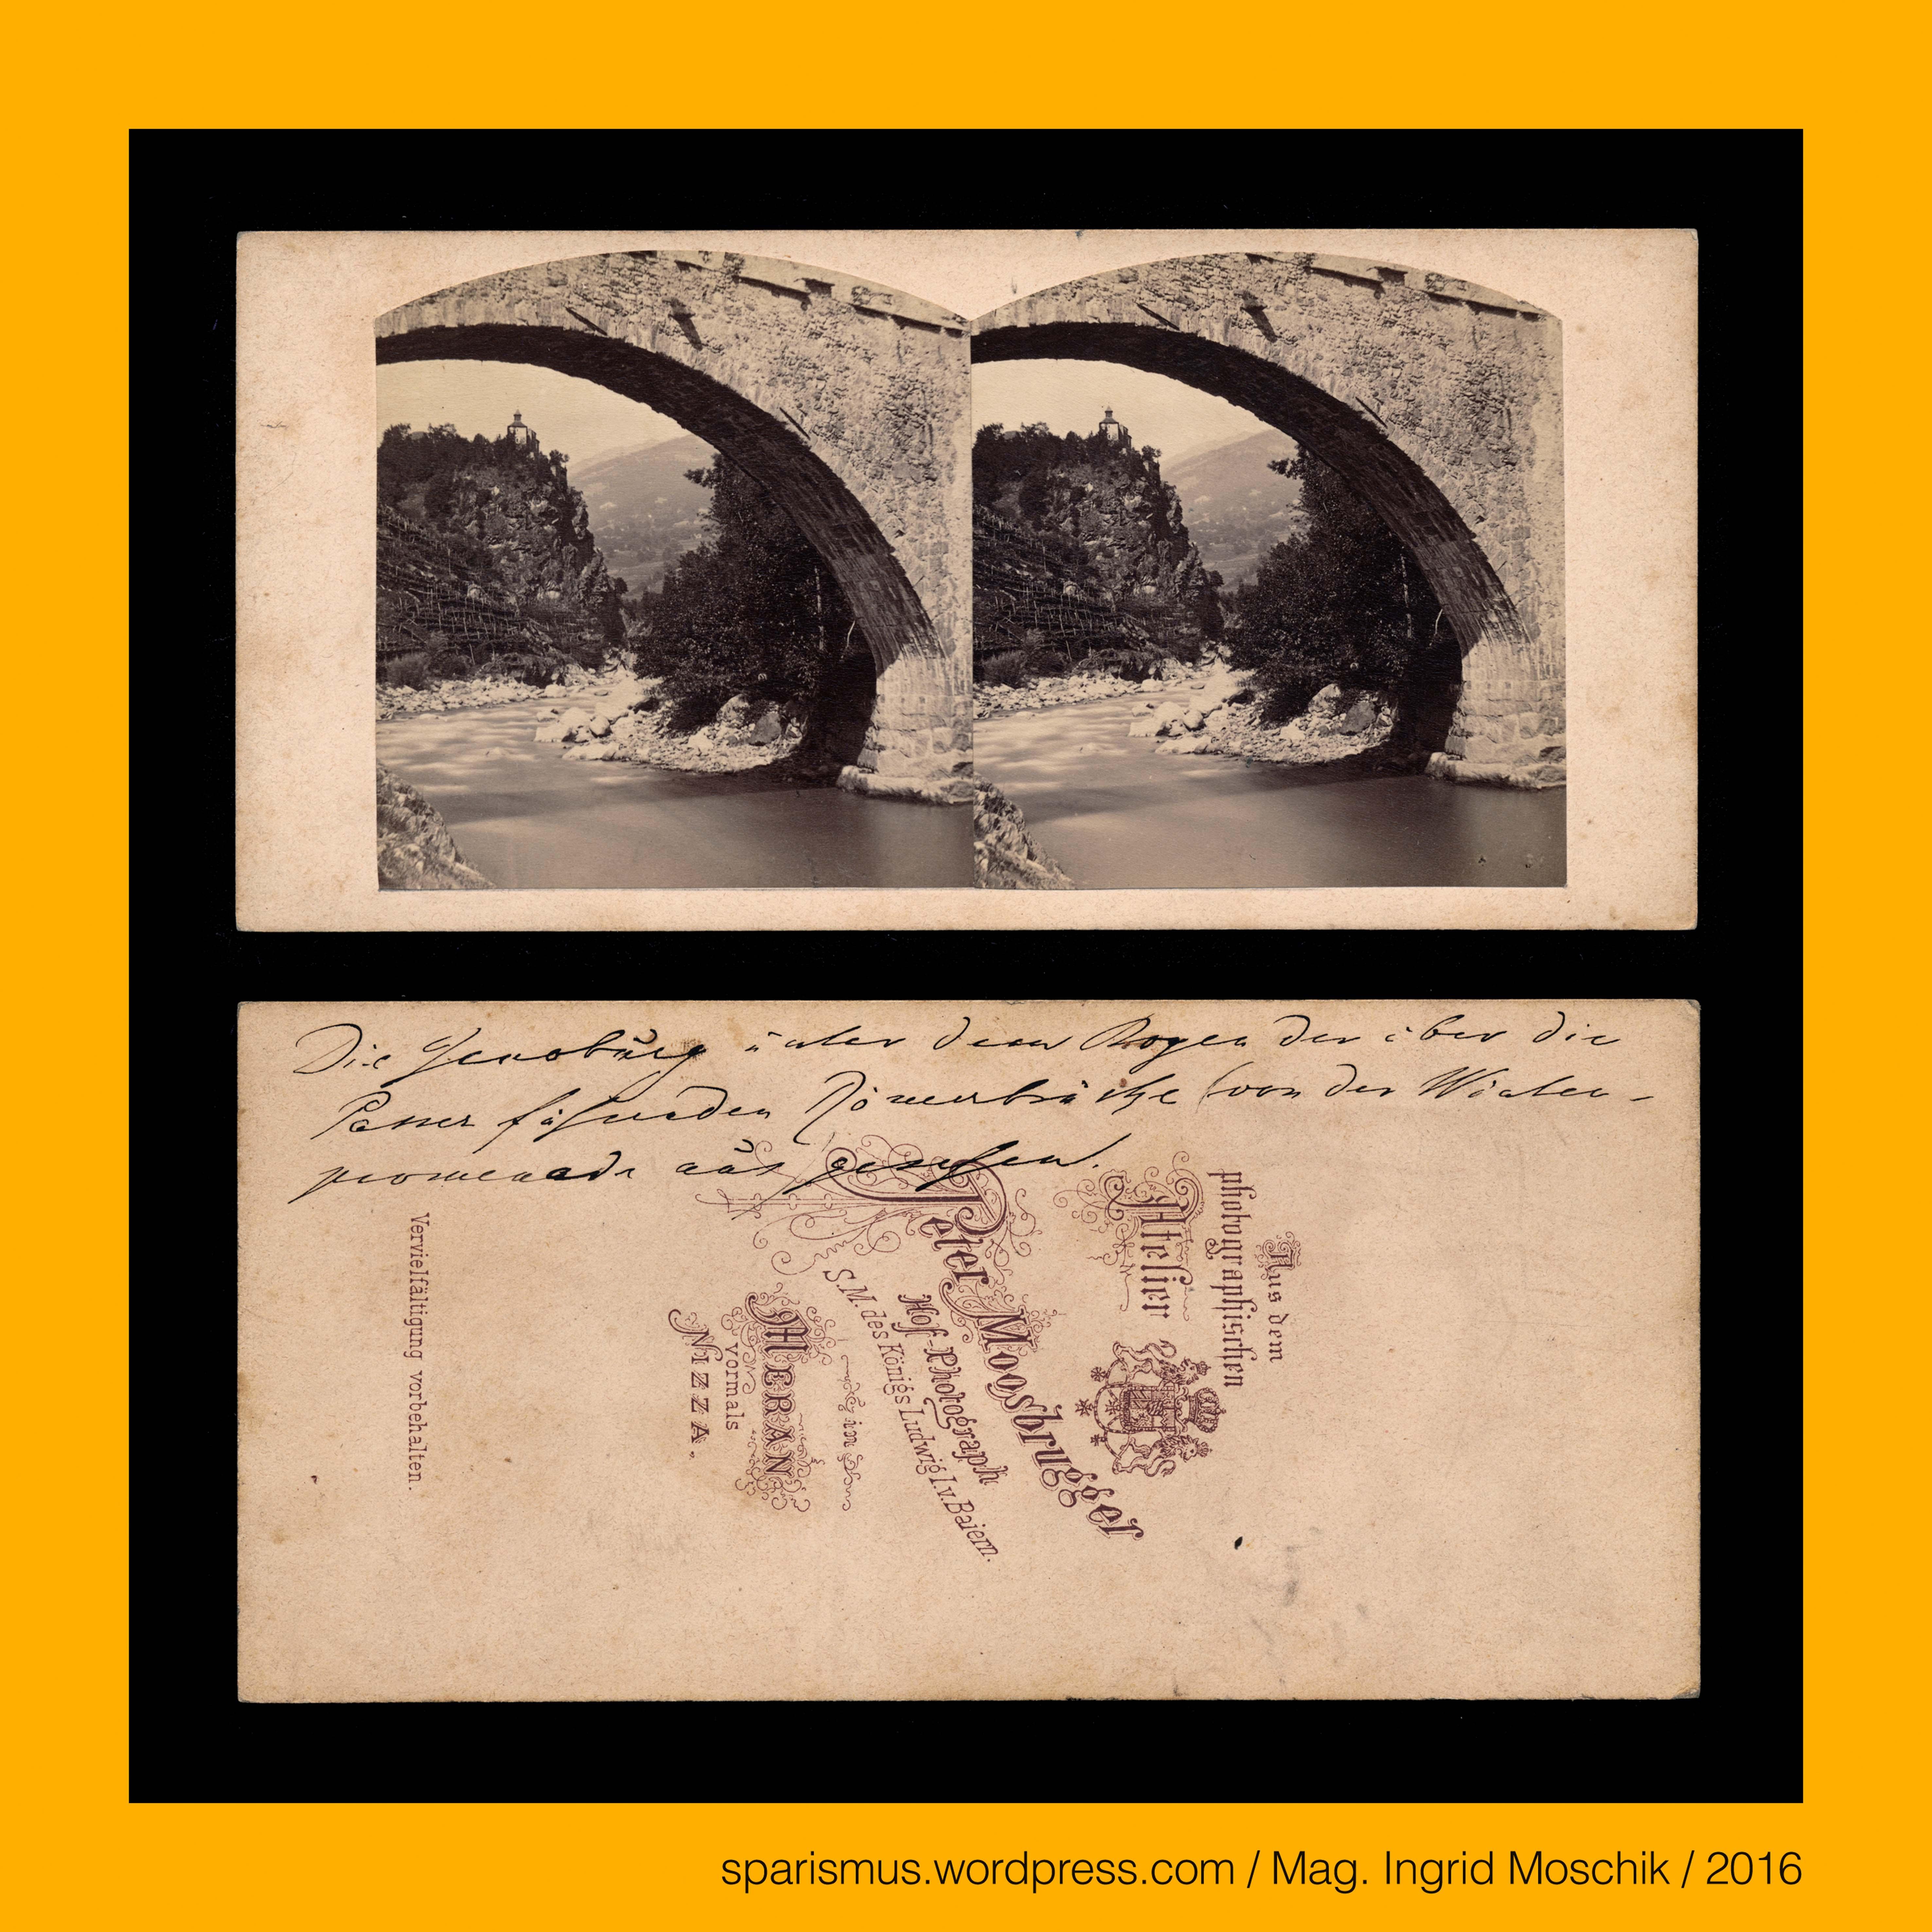 München Bleistift Auf Papier 1841 Entwurfsskizze Friedrich Brugger 1815-1870